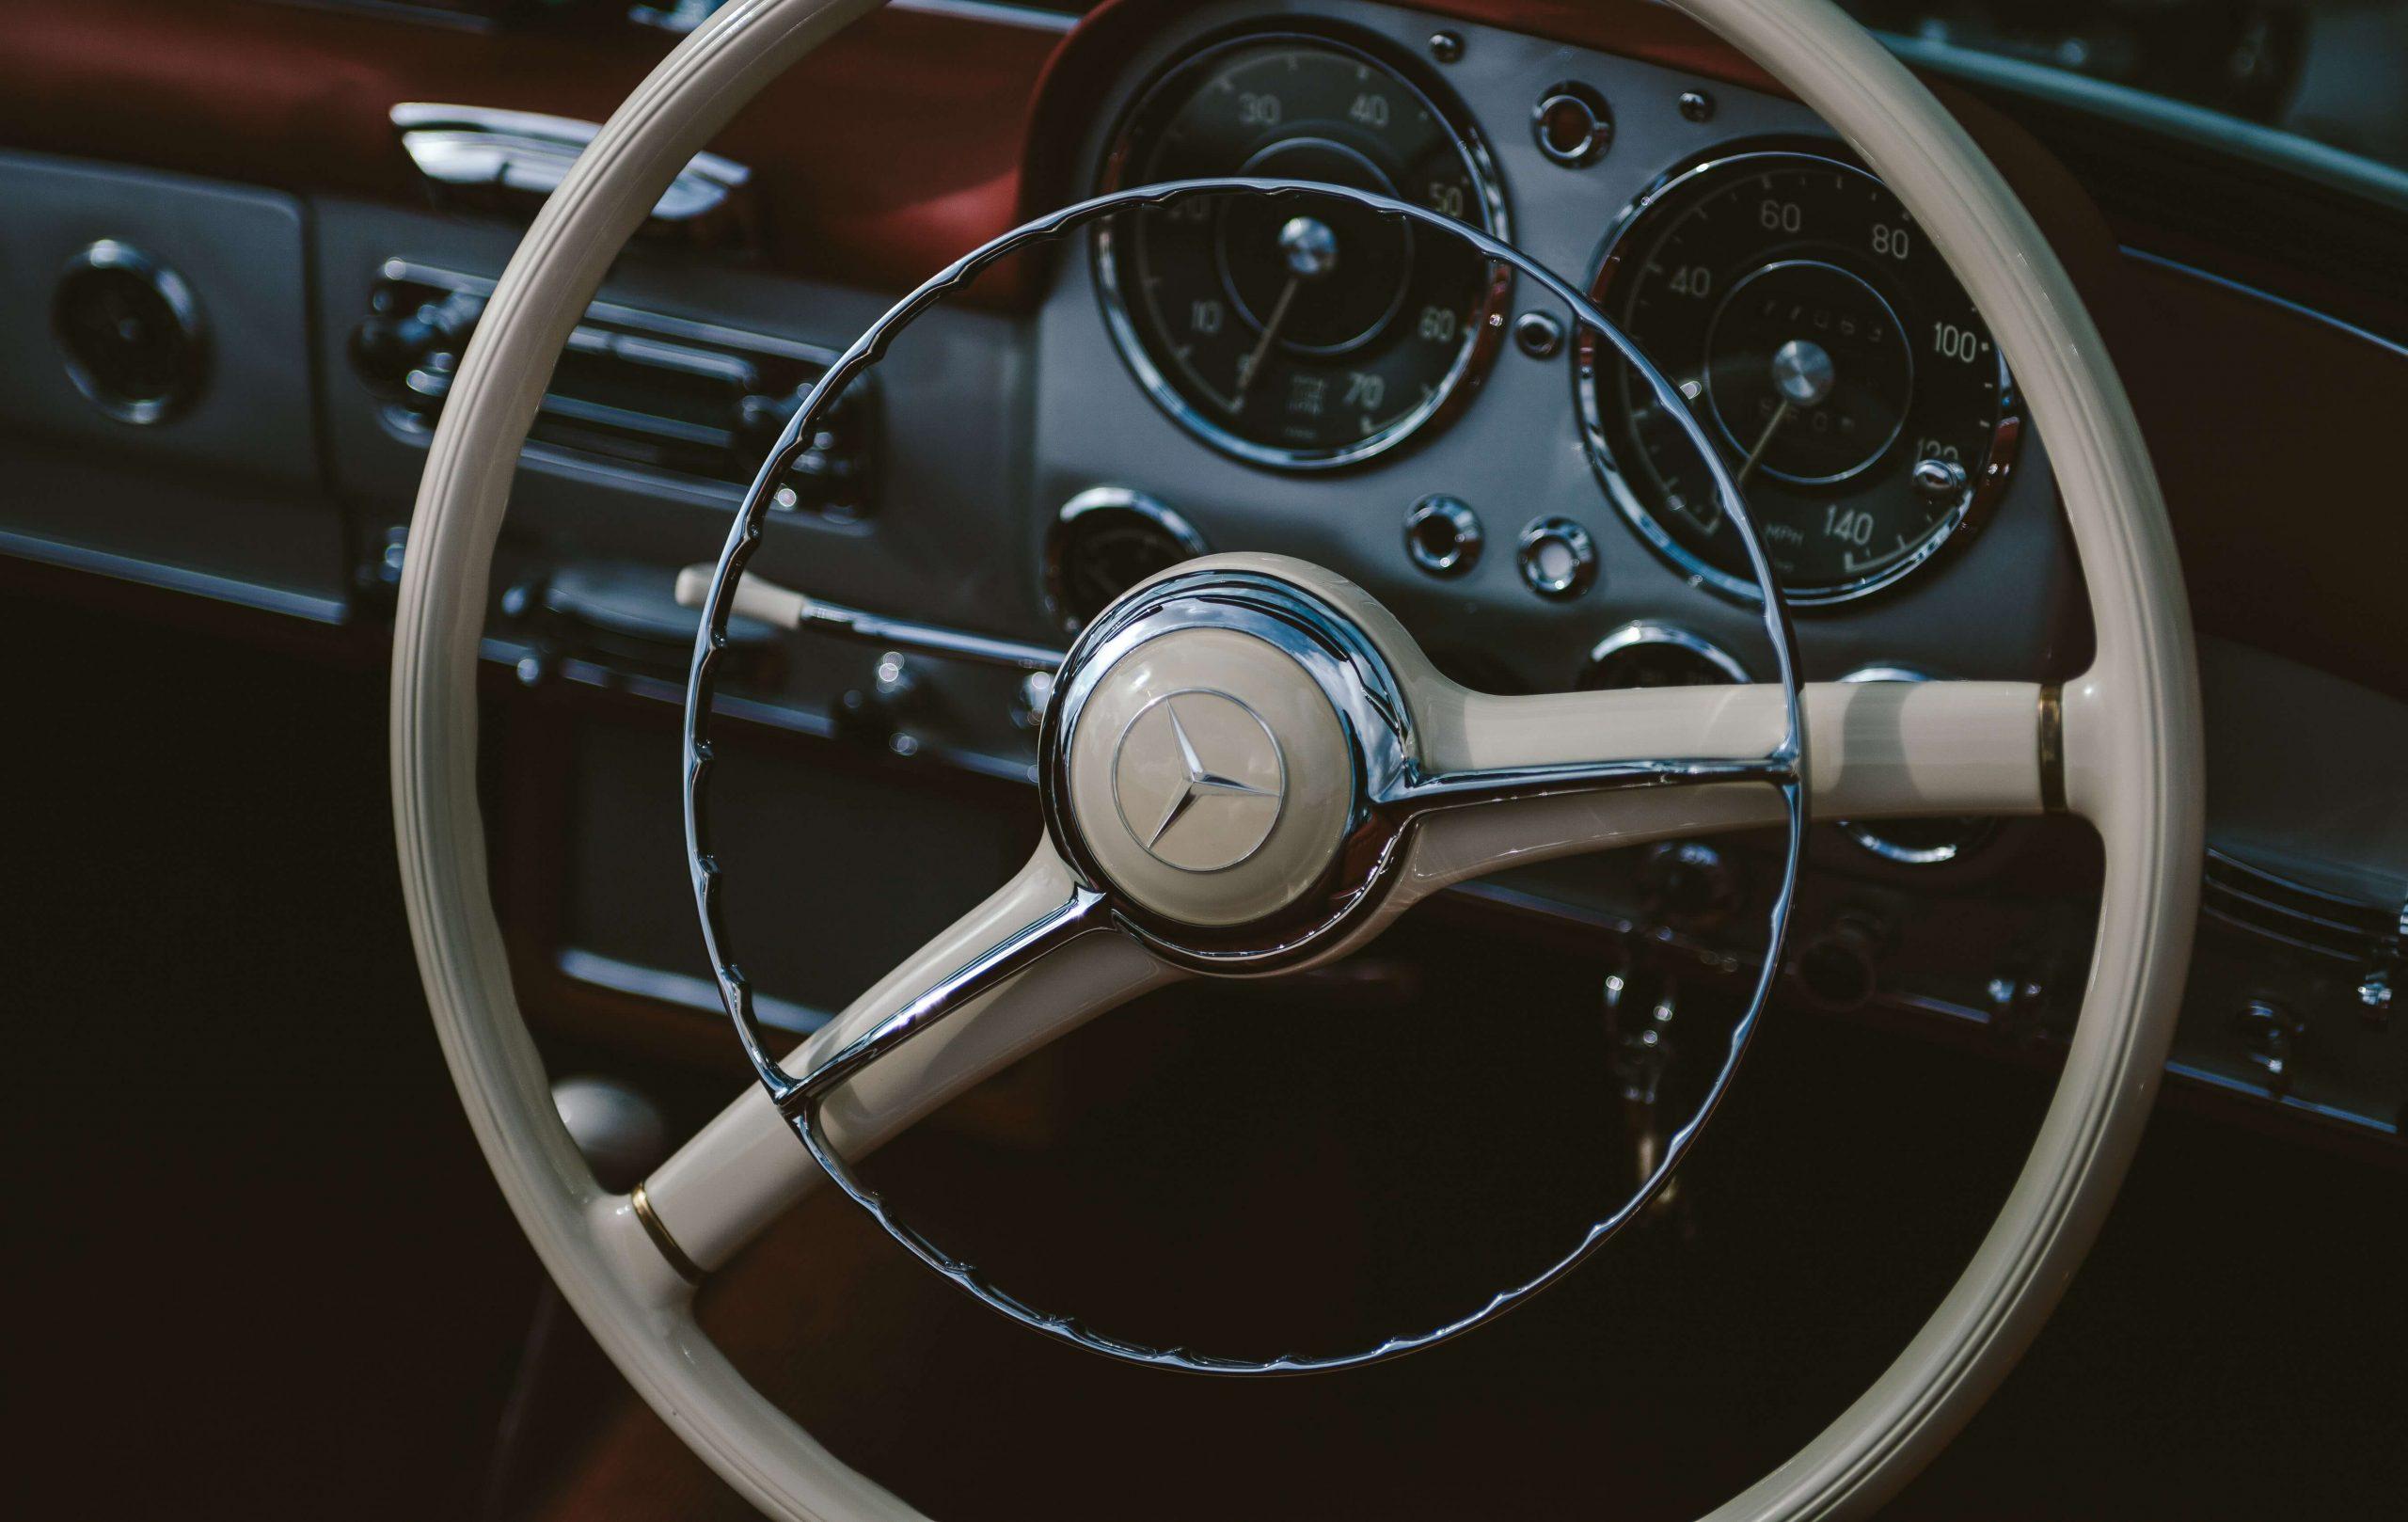 Wymiana radia samochodowego - jakie radio wybrać?